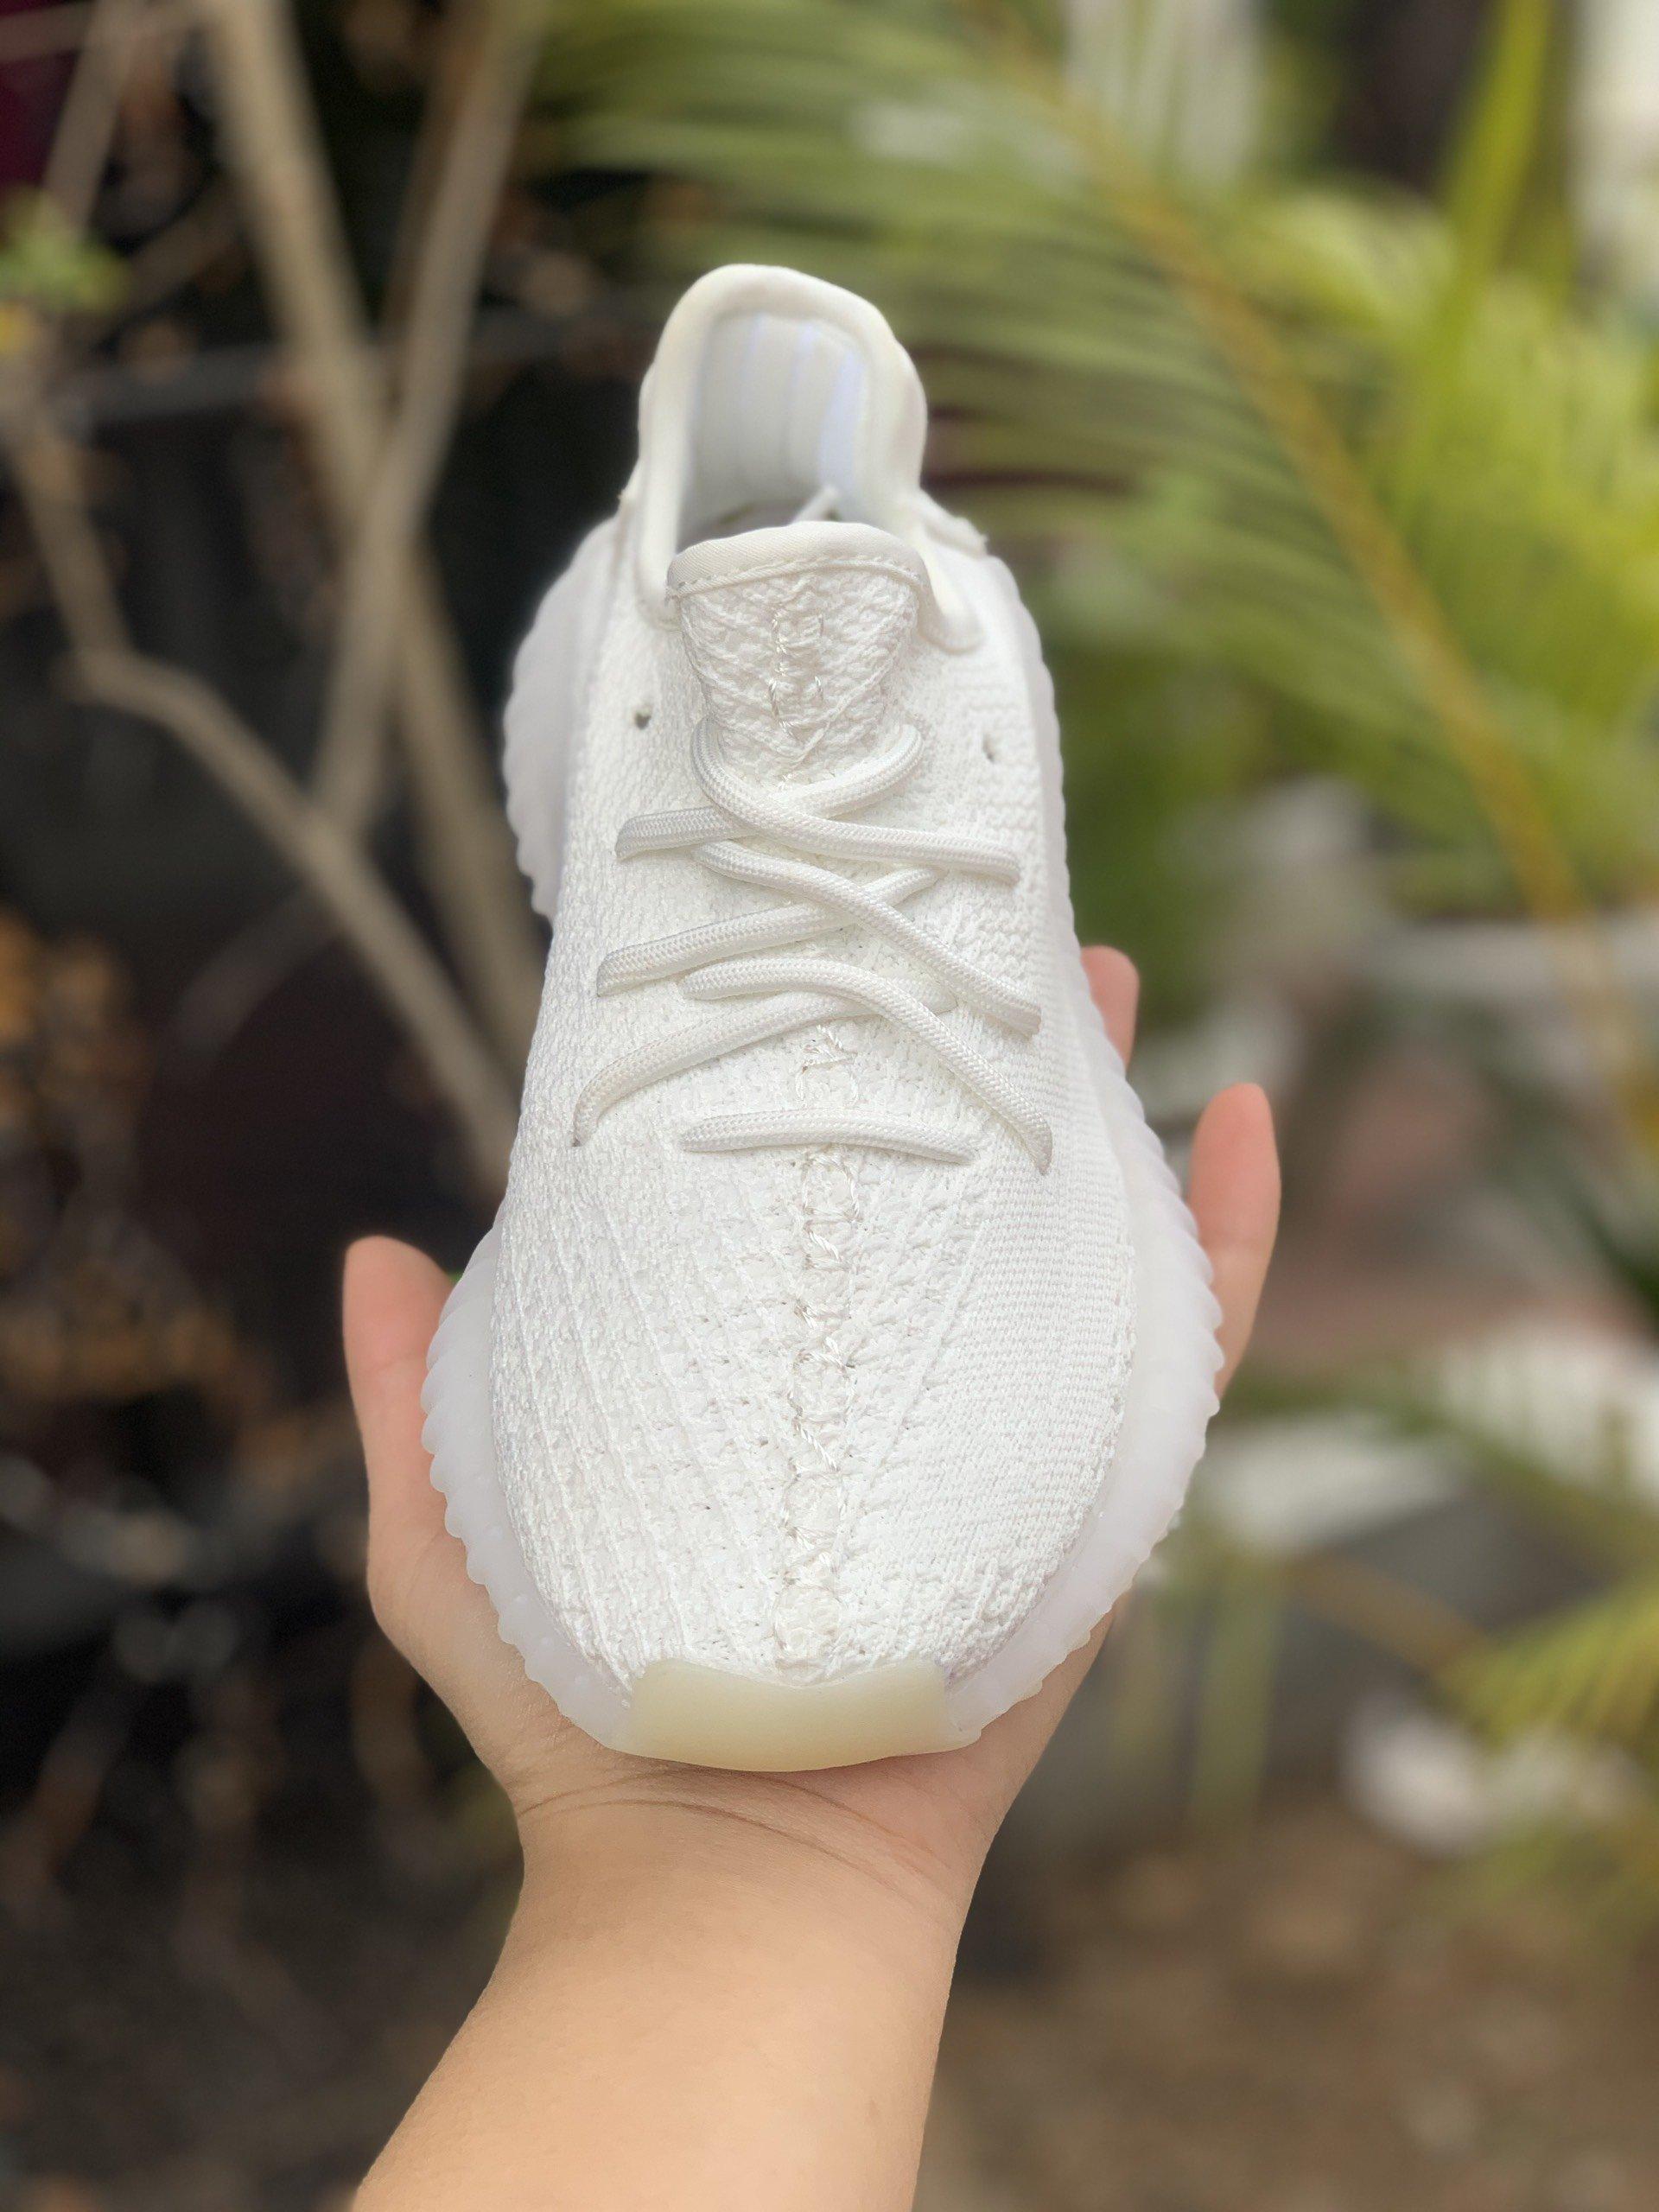 Giày thể thao Yeezy Boost 350 V2 Cream White mặt trước